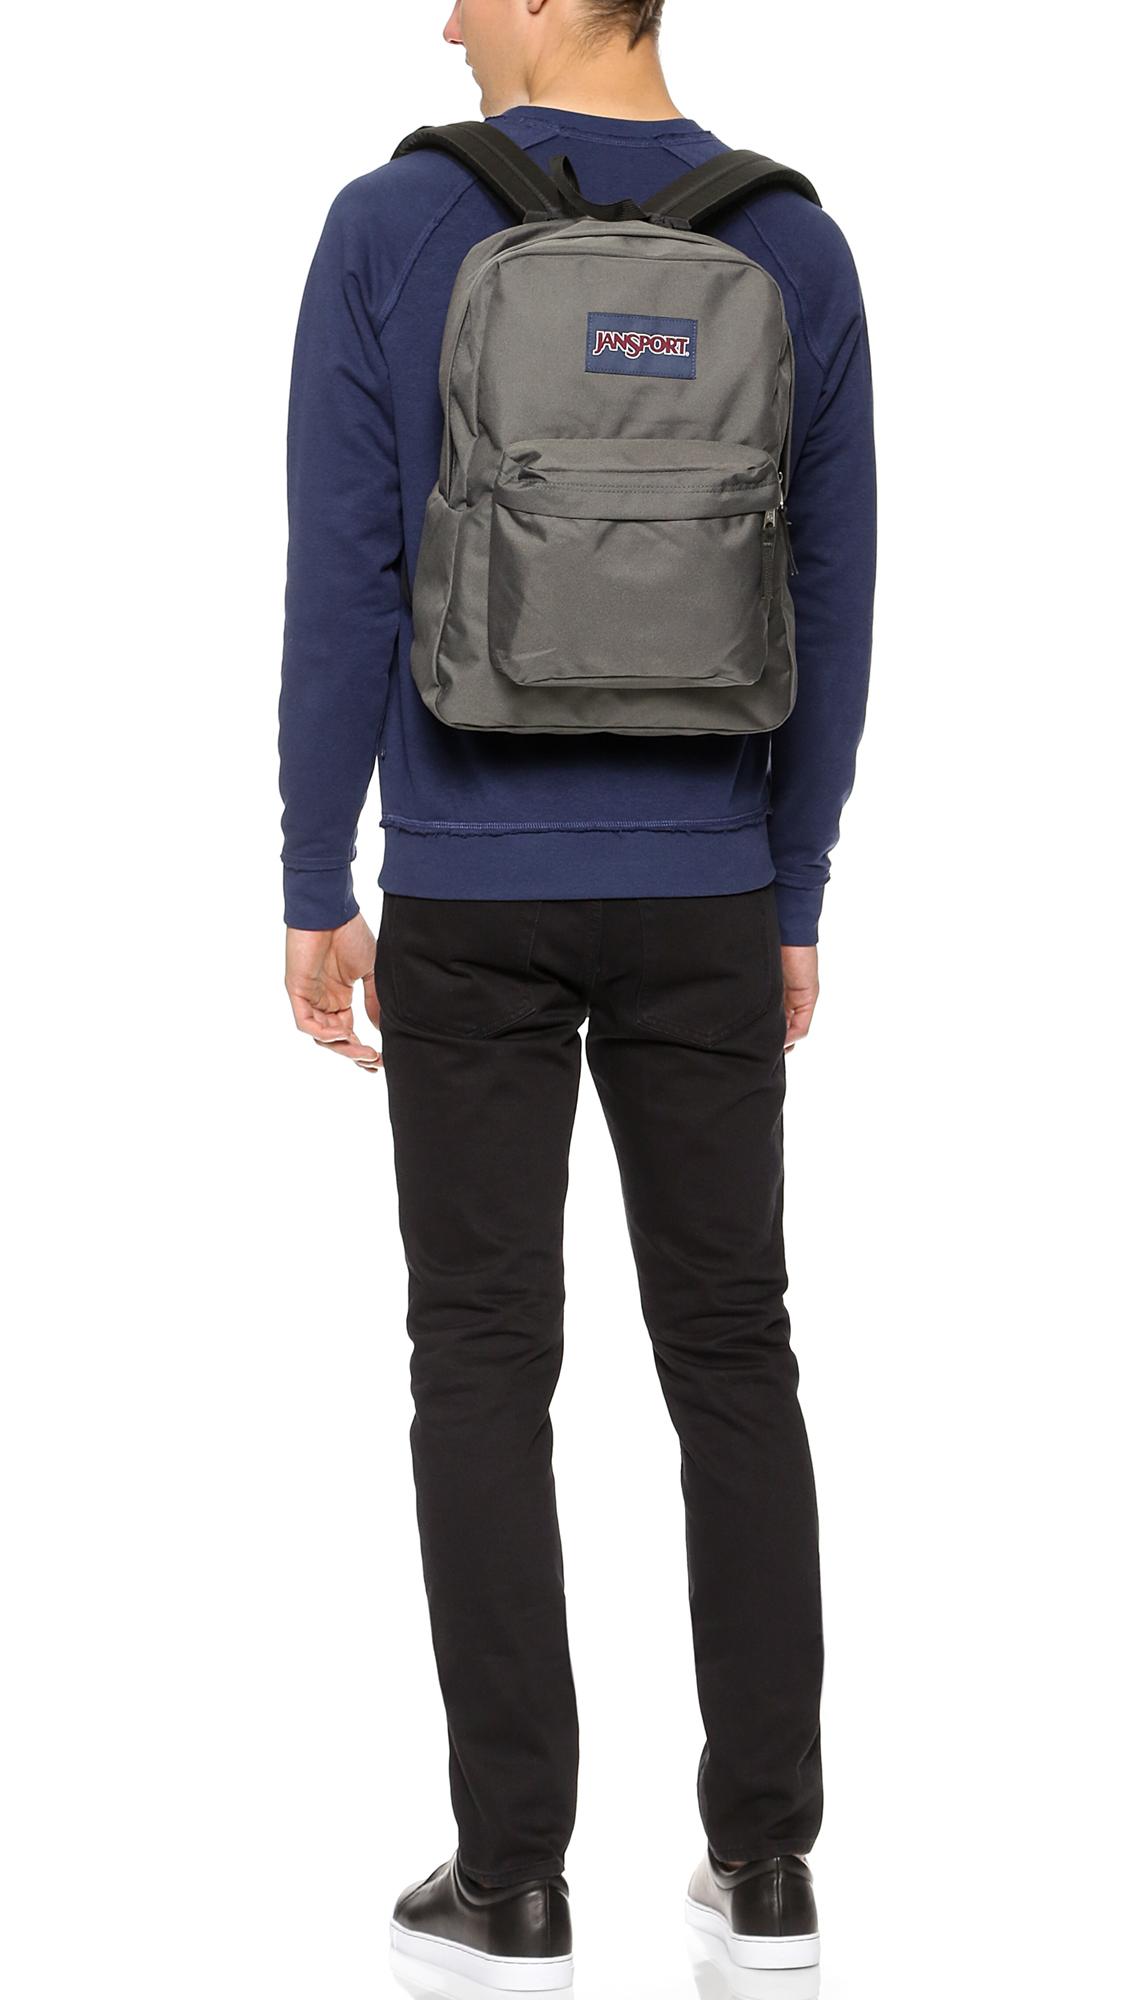 Superbreak Backpack Jansport - BackpackStyle